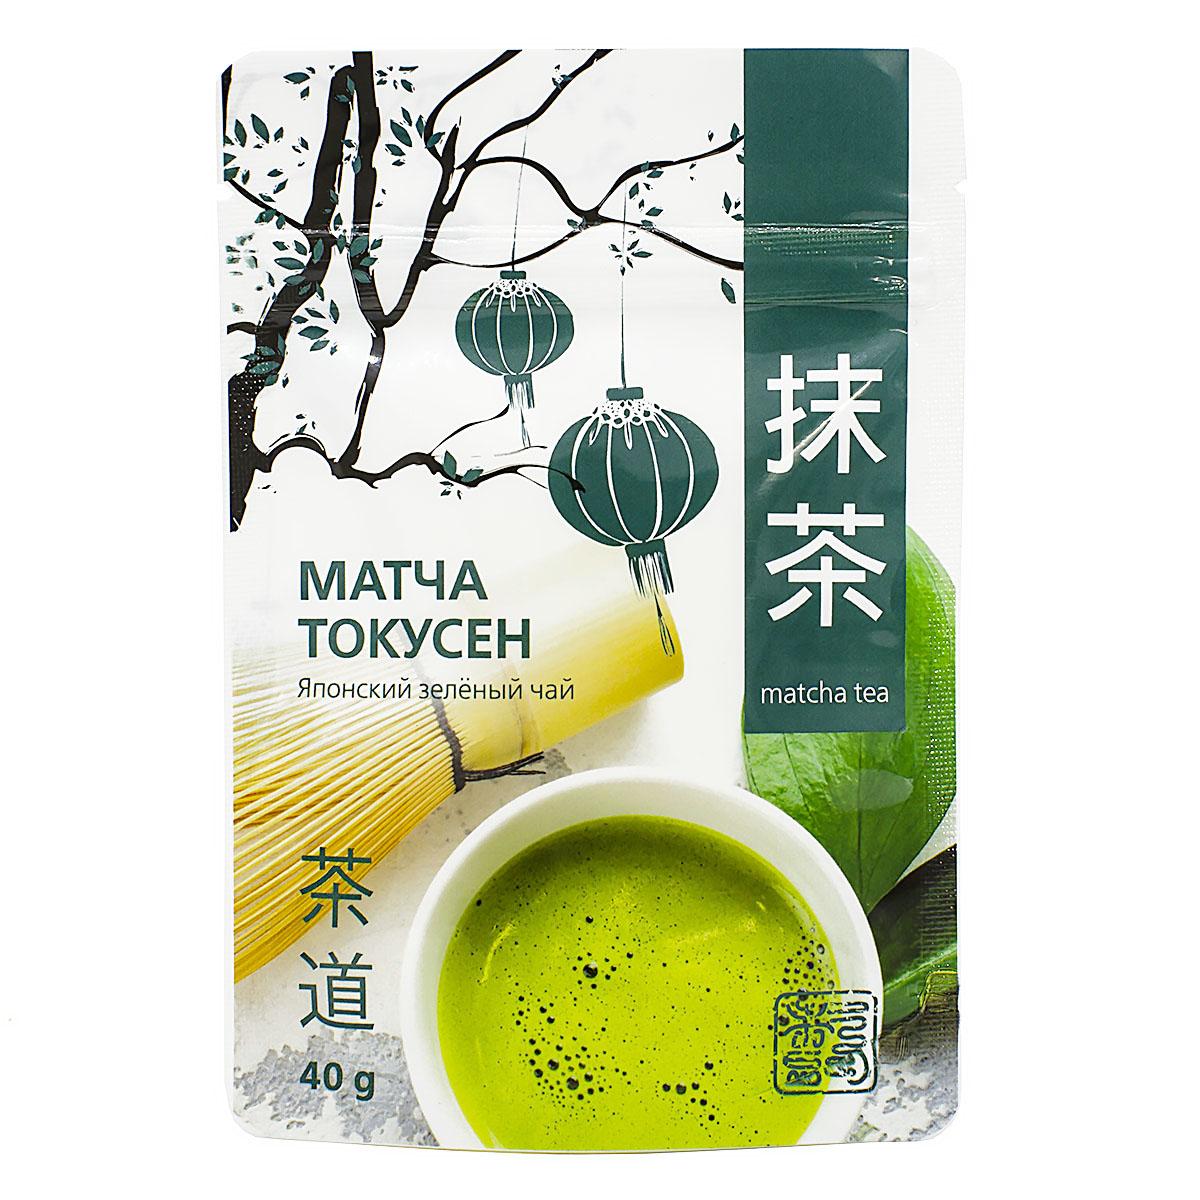 Фото - Чай зеленый Матча токусен, 40 г выпивать и закусывать